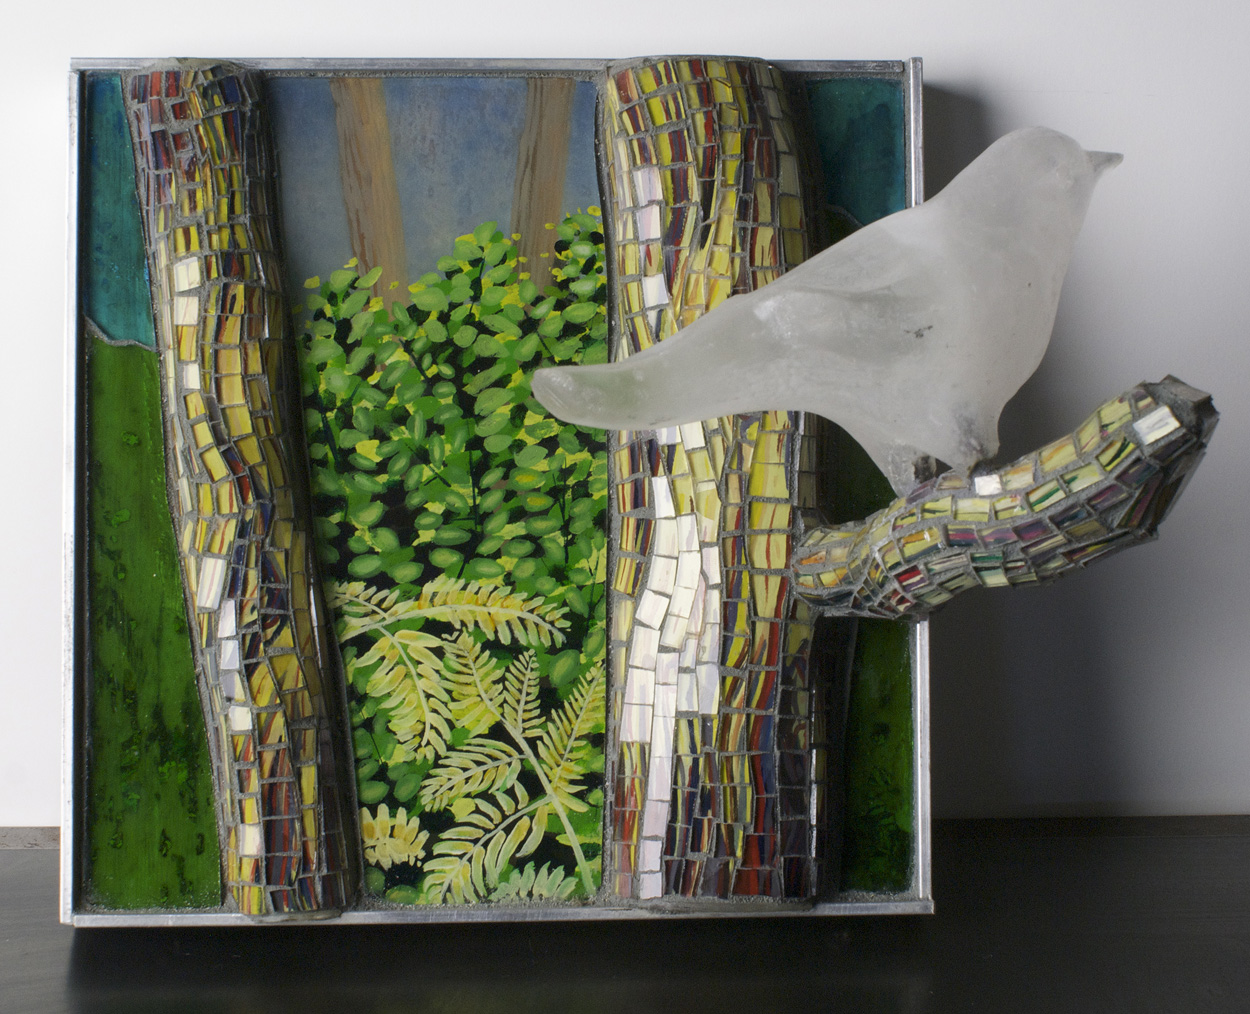 Katja Fritzsche   Moment, Silence , 2010  Cast glass bird, mosaic glass, mixed media